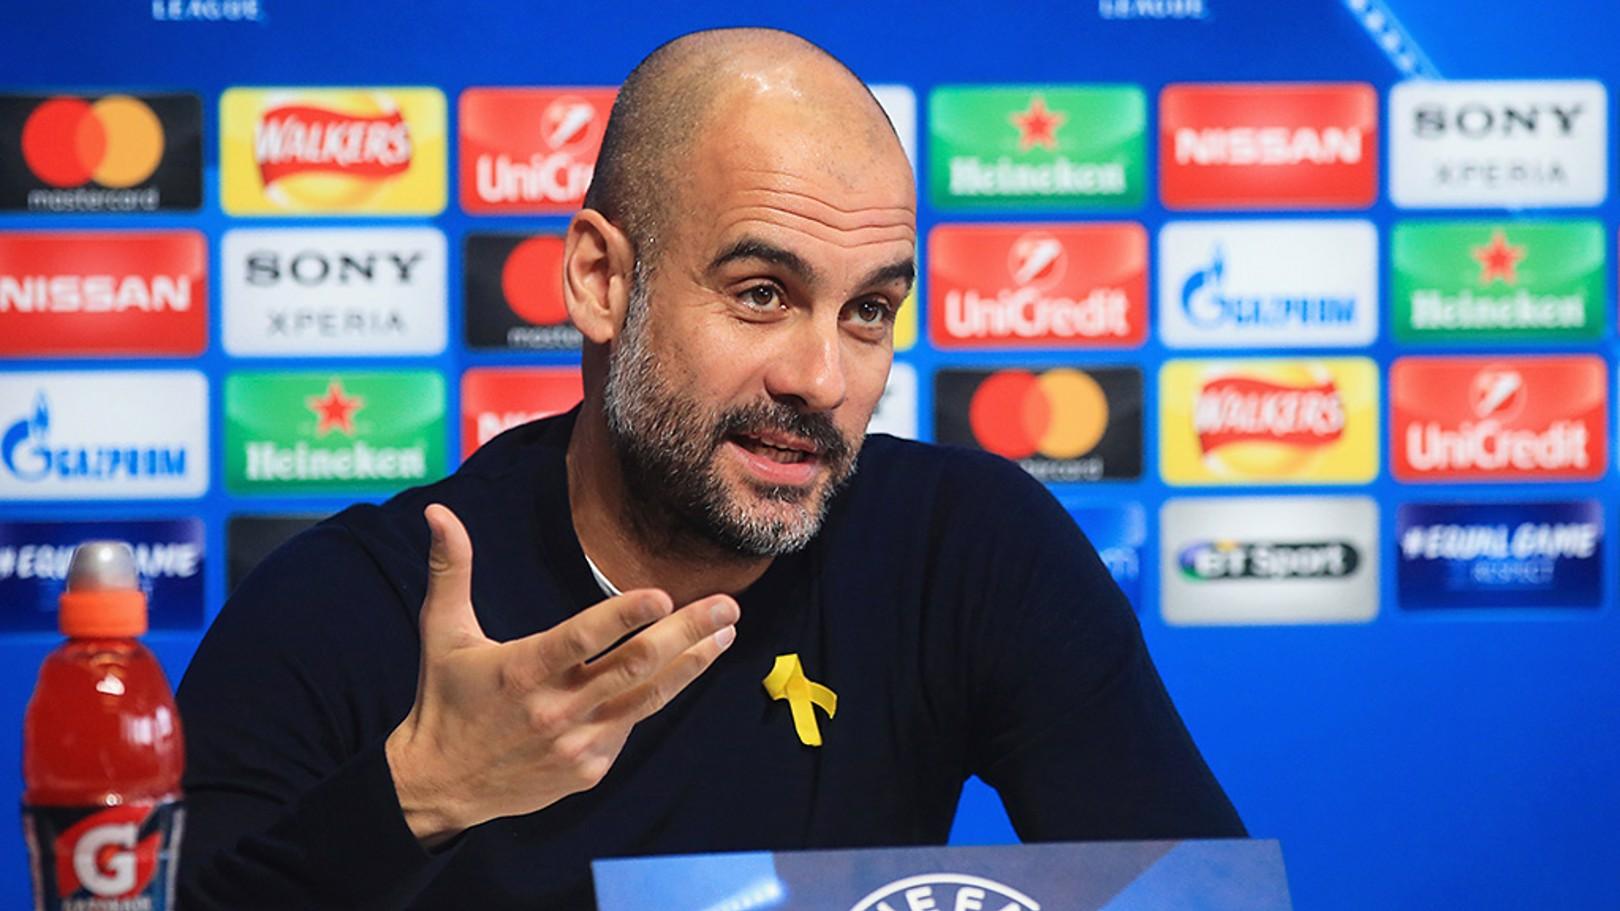 UPDATE: Boss Pep Guardiola